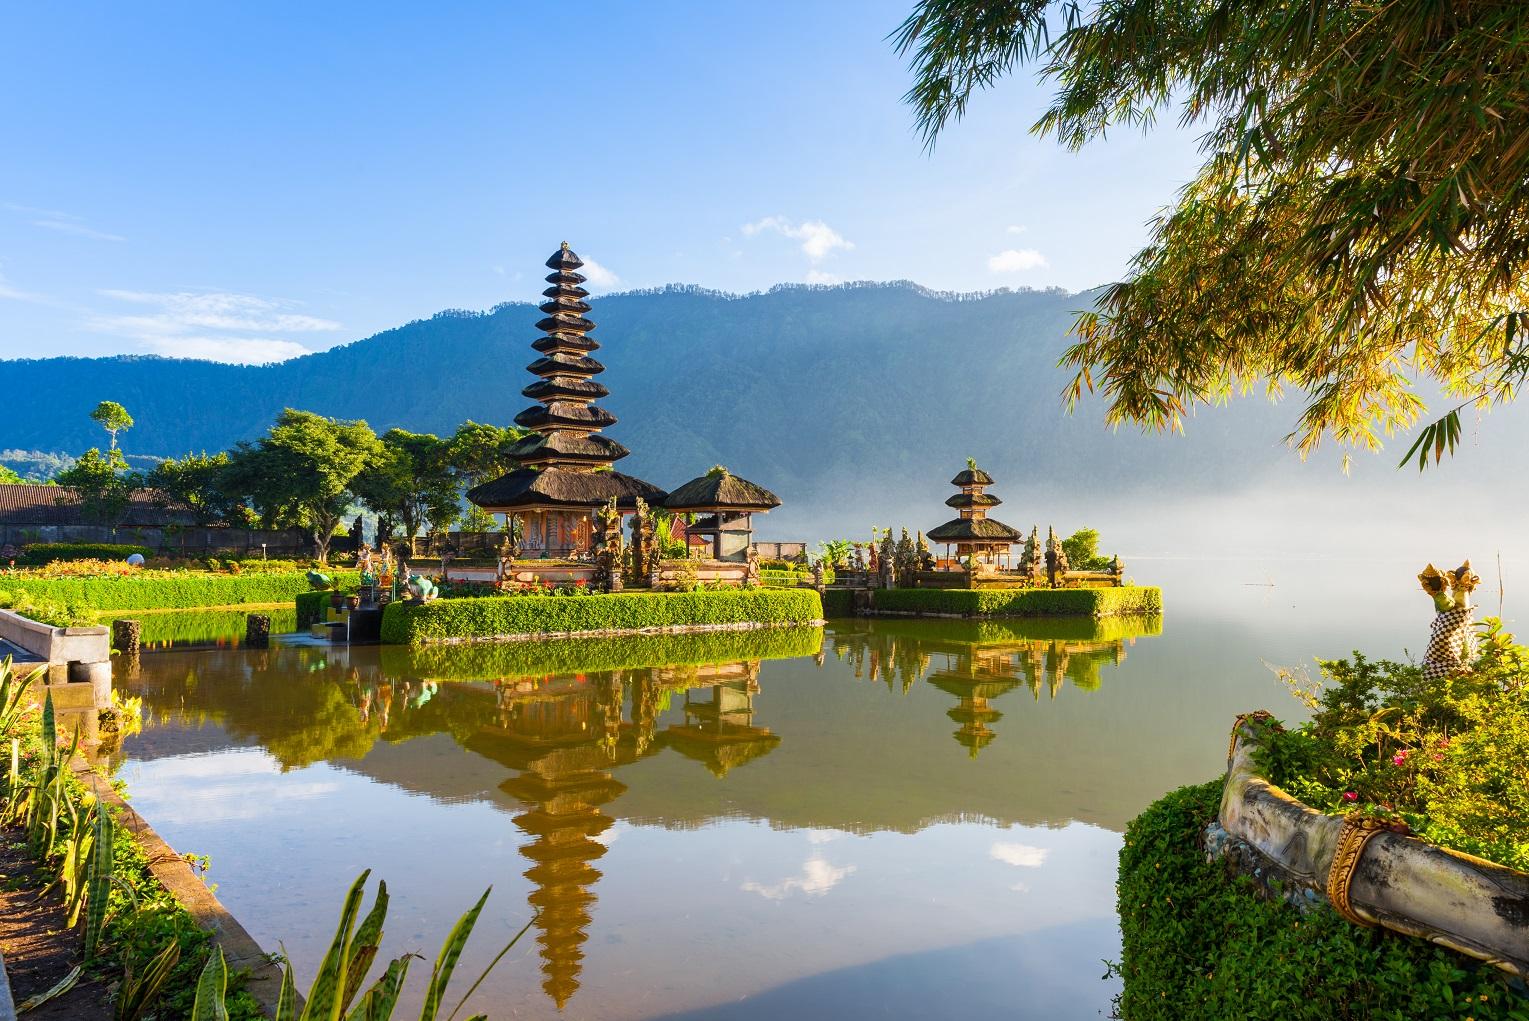 Pura-Ulun-Danu-Bratan-at-Sunrise-Bali_LR